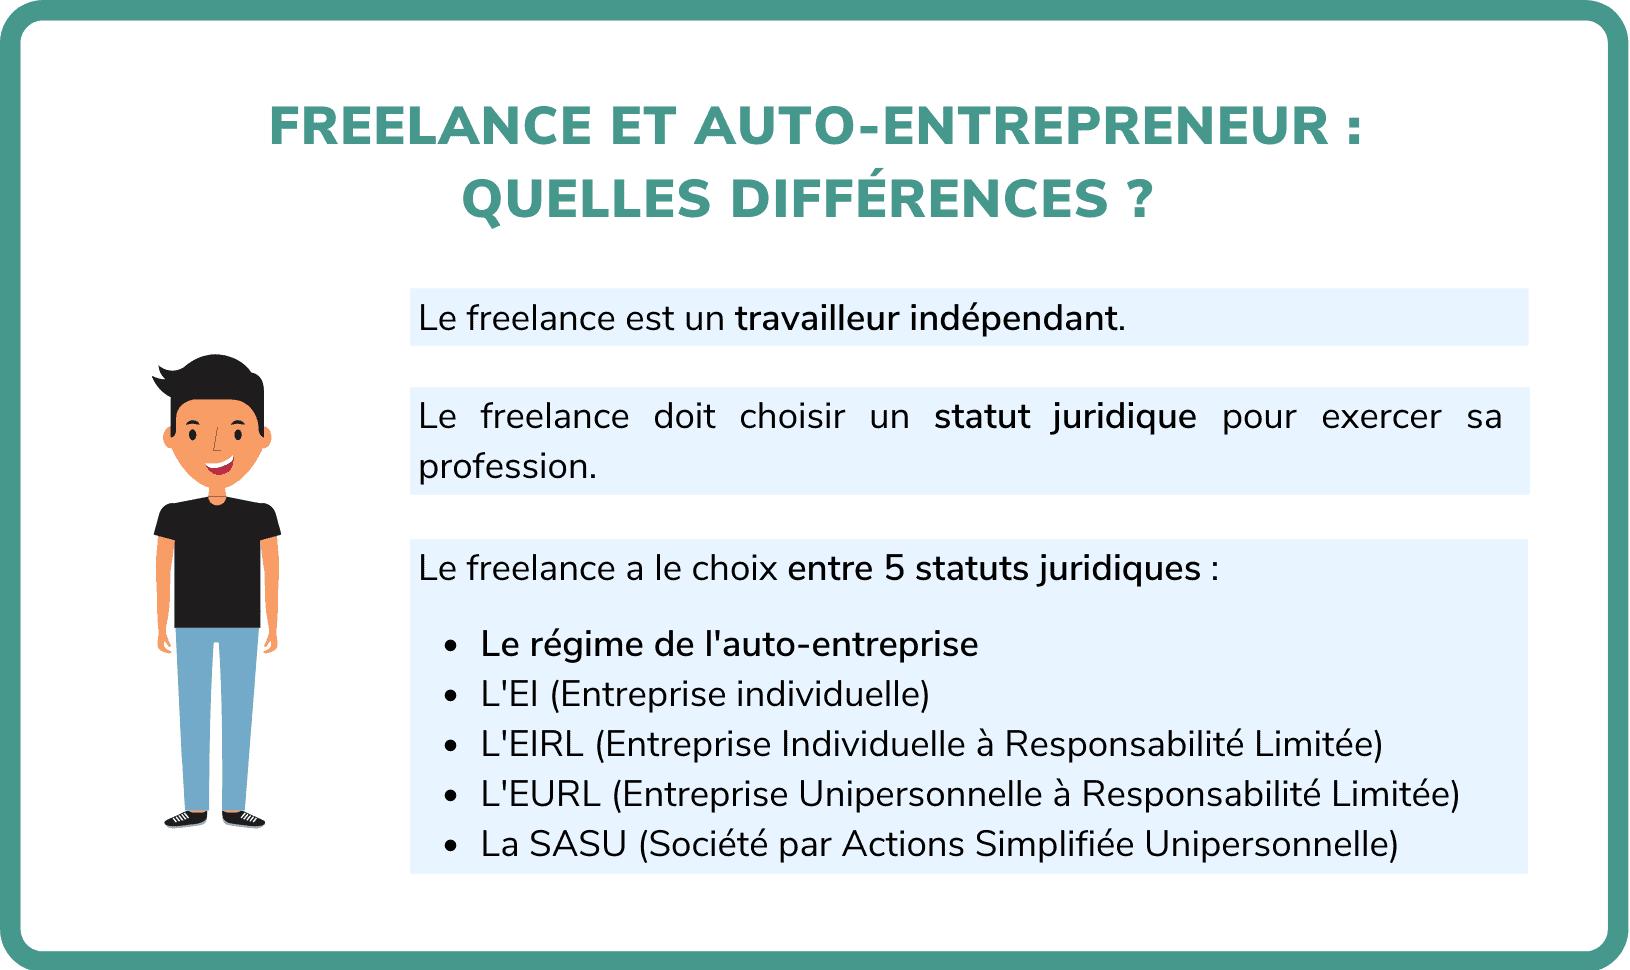 freelance ou auto-entrepreneur